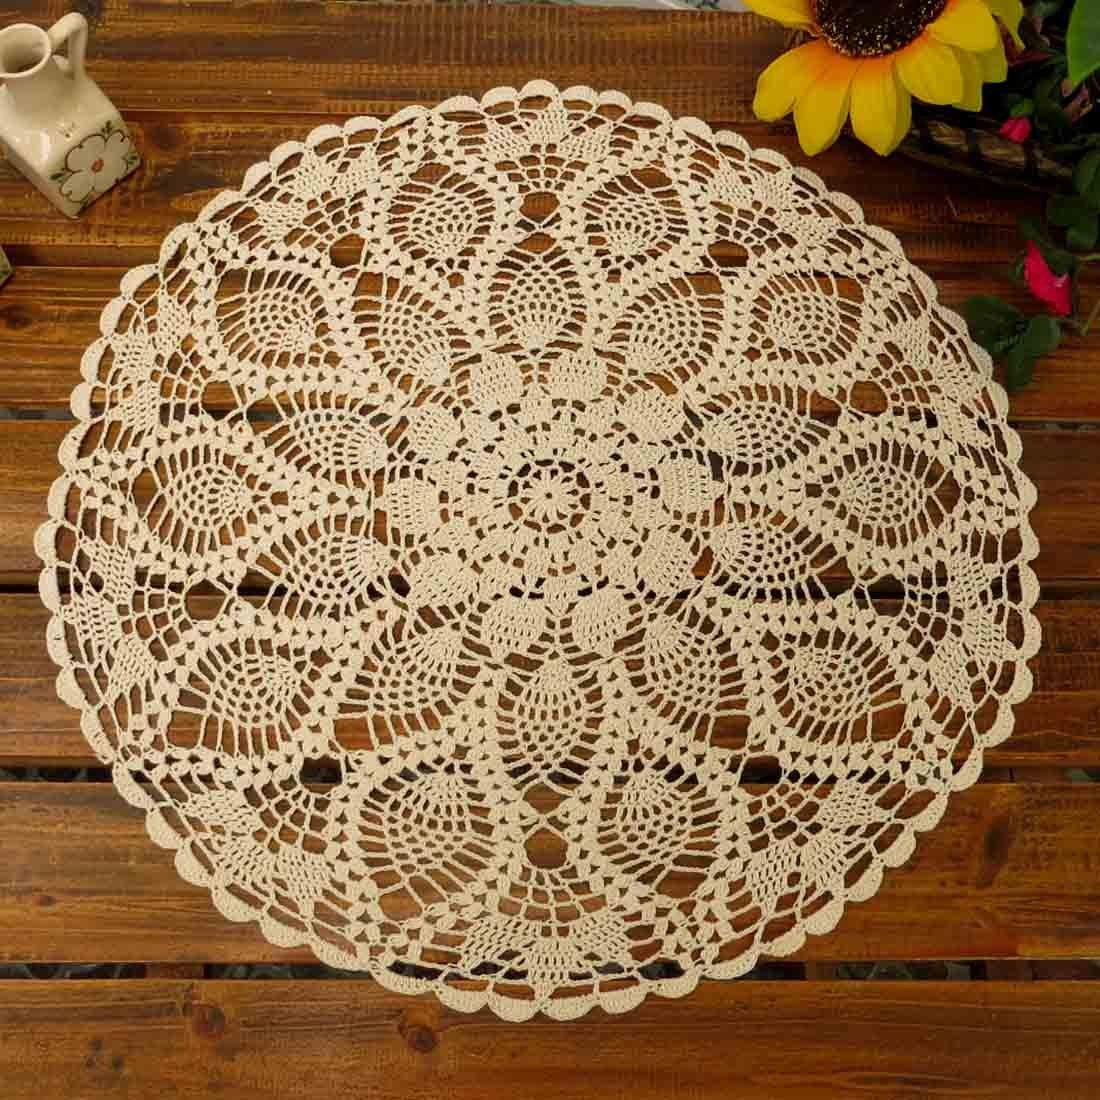 Amazon.com: kilofly Handmade Crochet Cotton Lace Table Sofa Doily ...